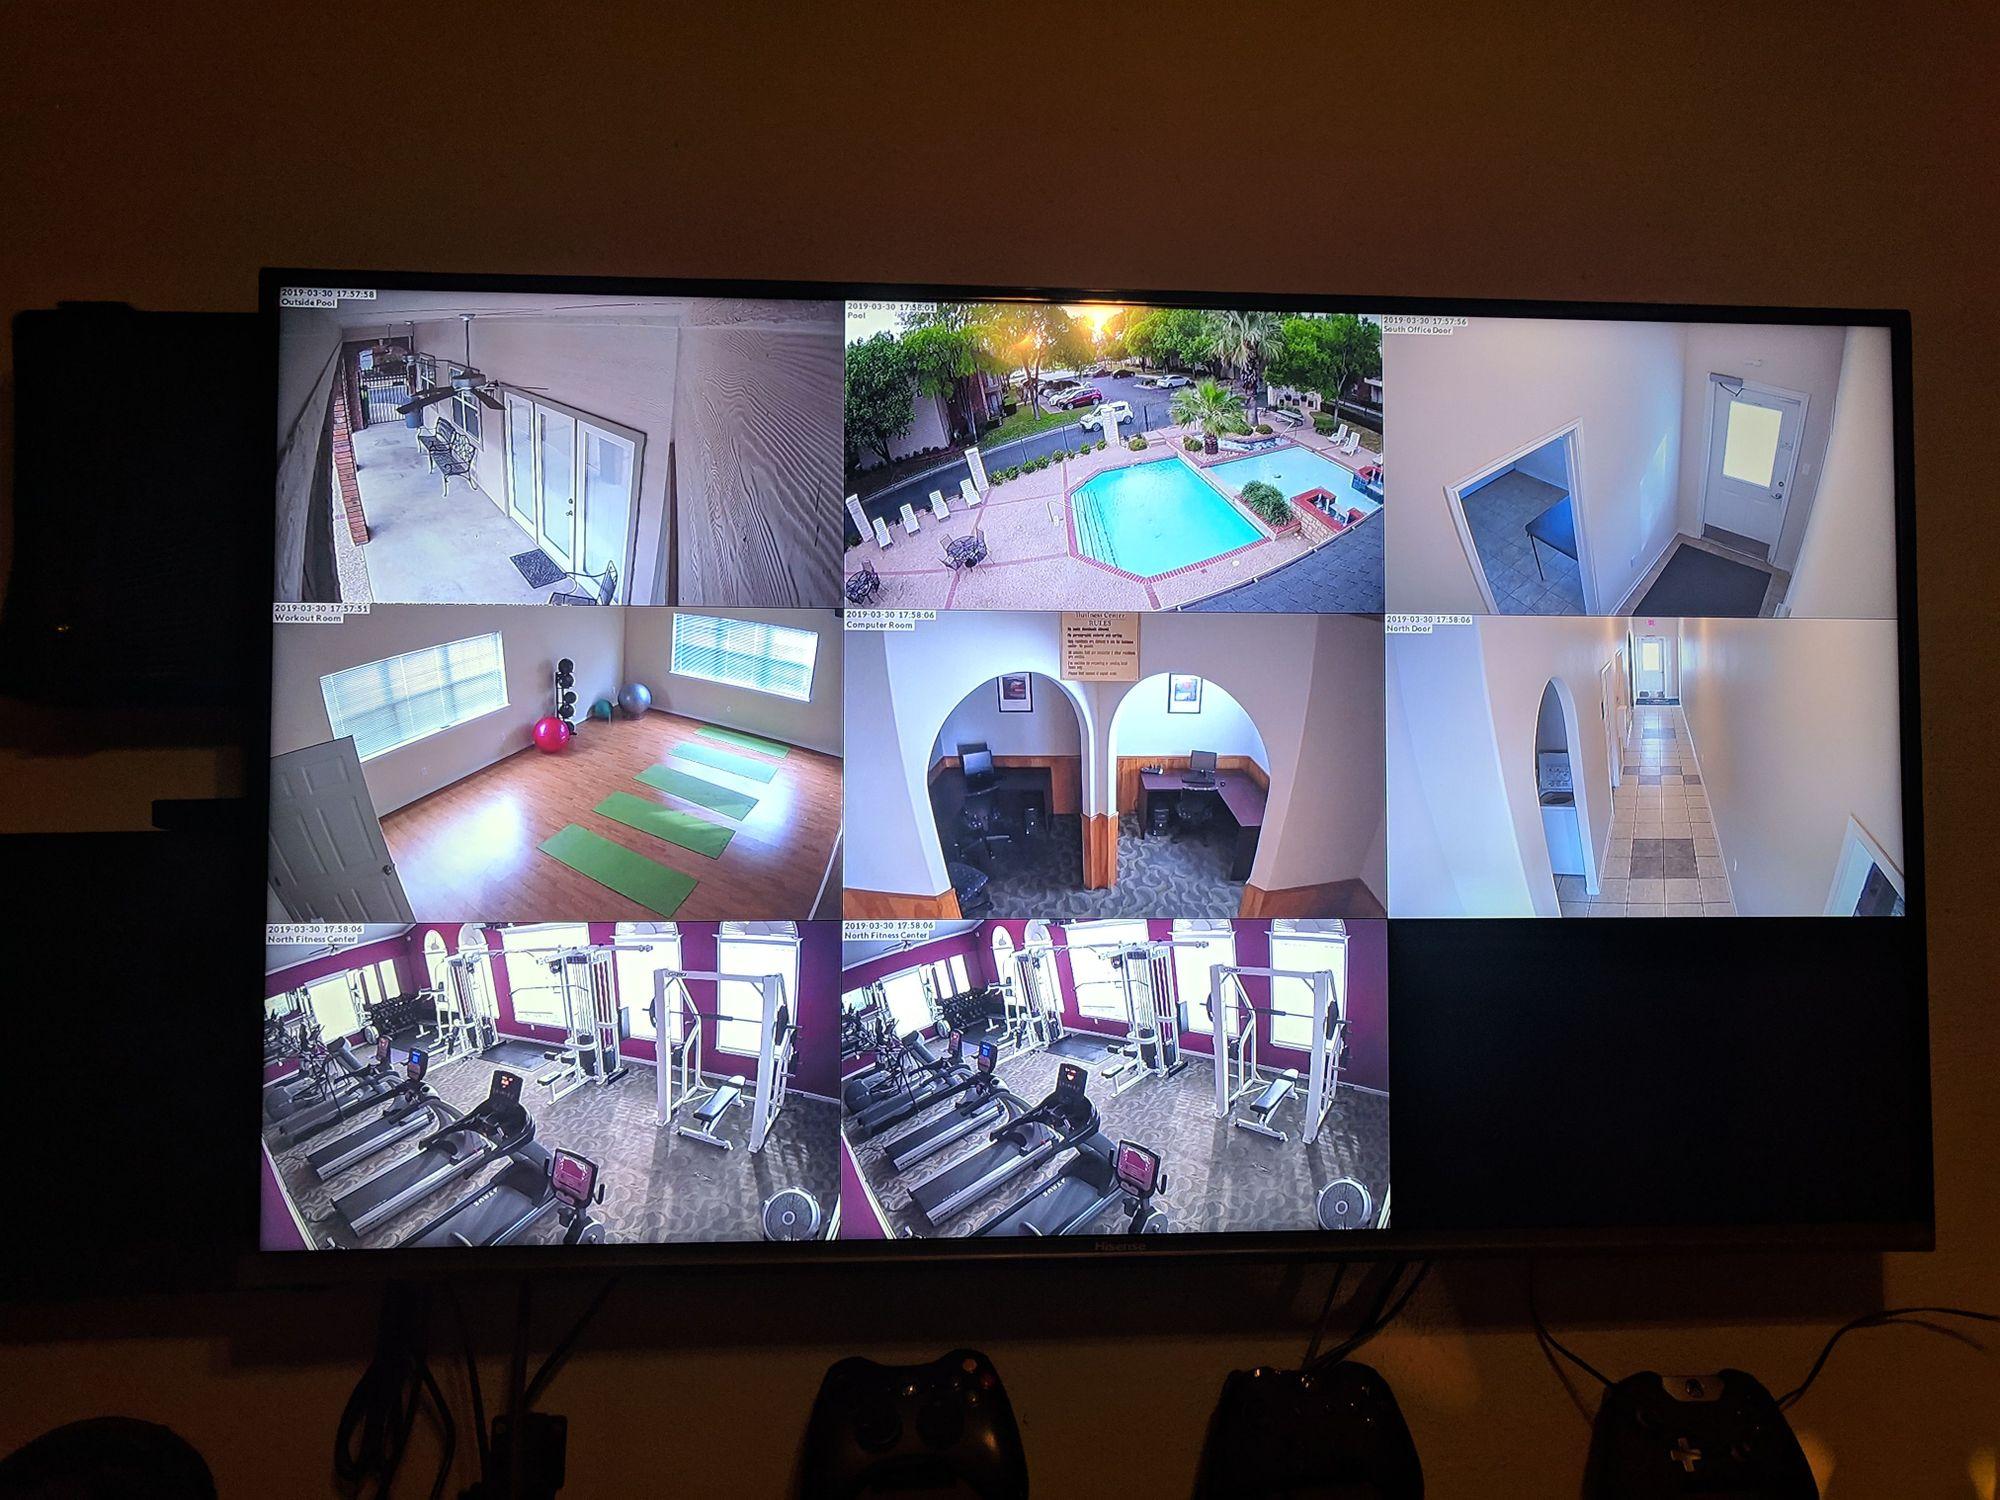 Apartment Complex Camera Upgrade | Ubiquiti Community